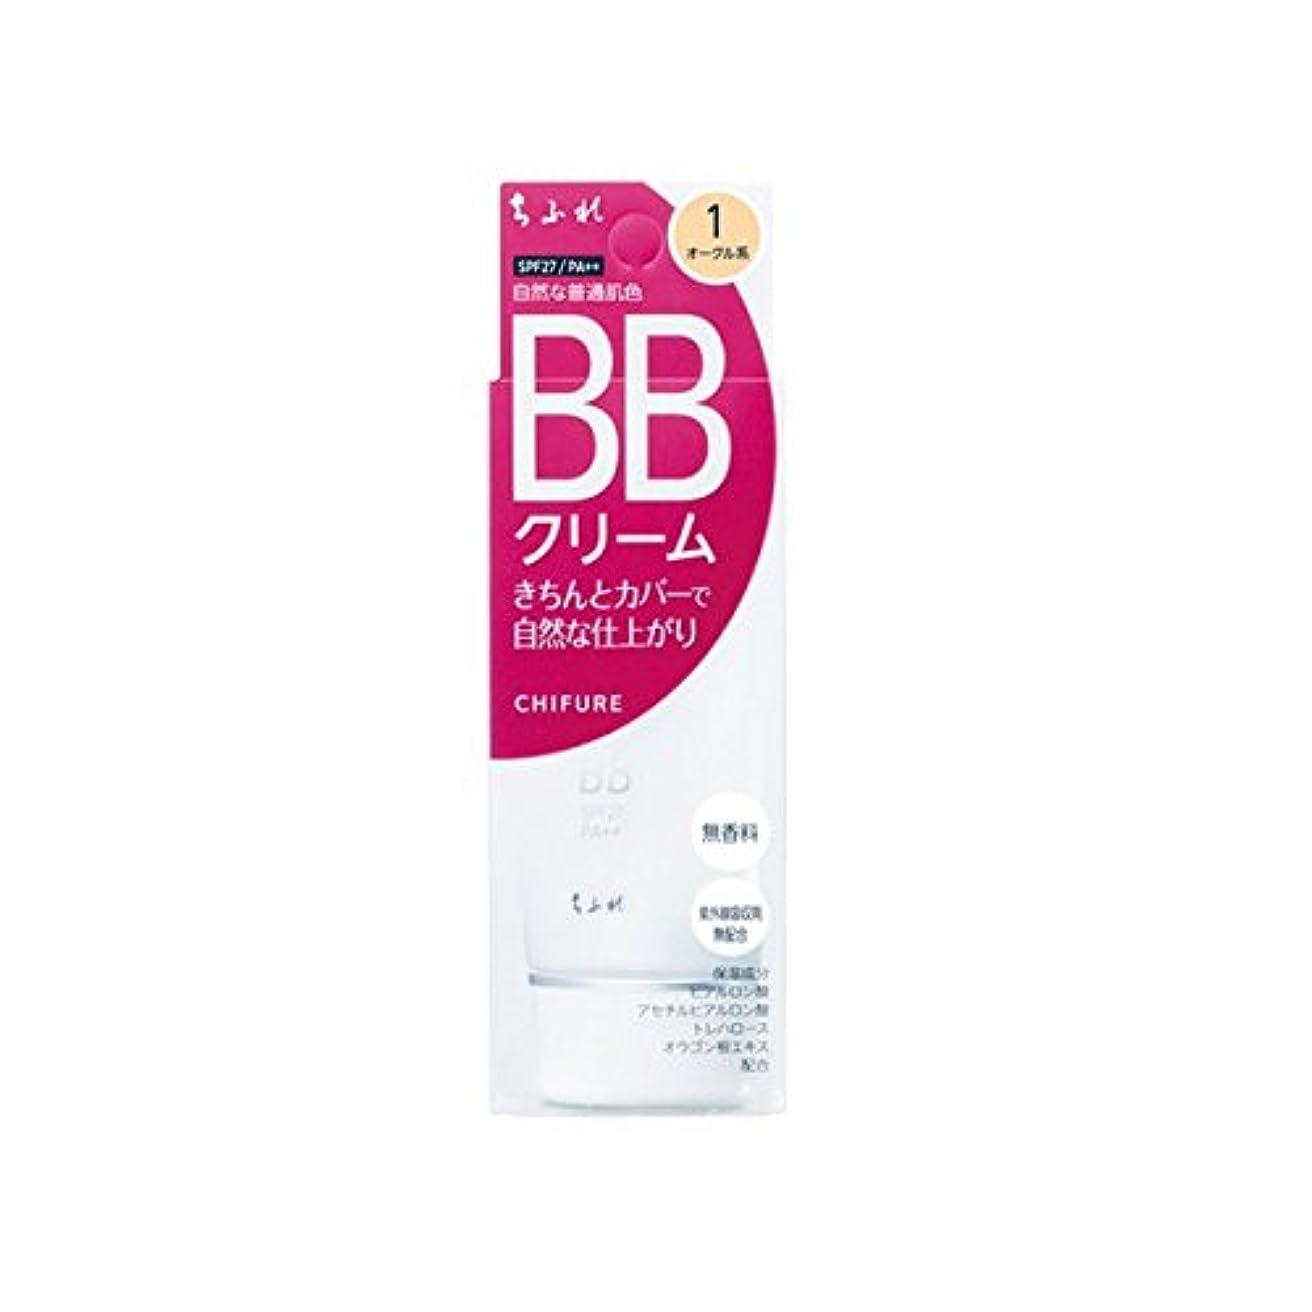 関数専門息子ちふれ化粧品 BB クリーム 1 自然な普通肌色 BBクリーム 1